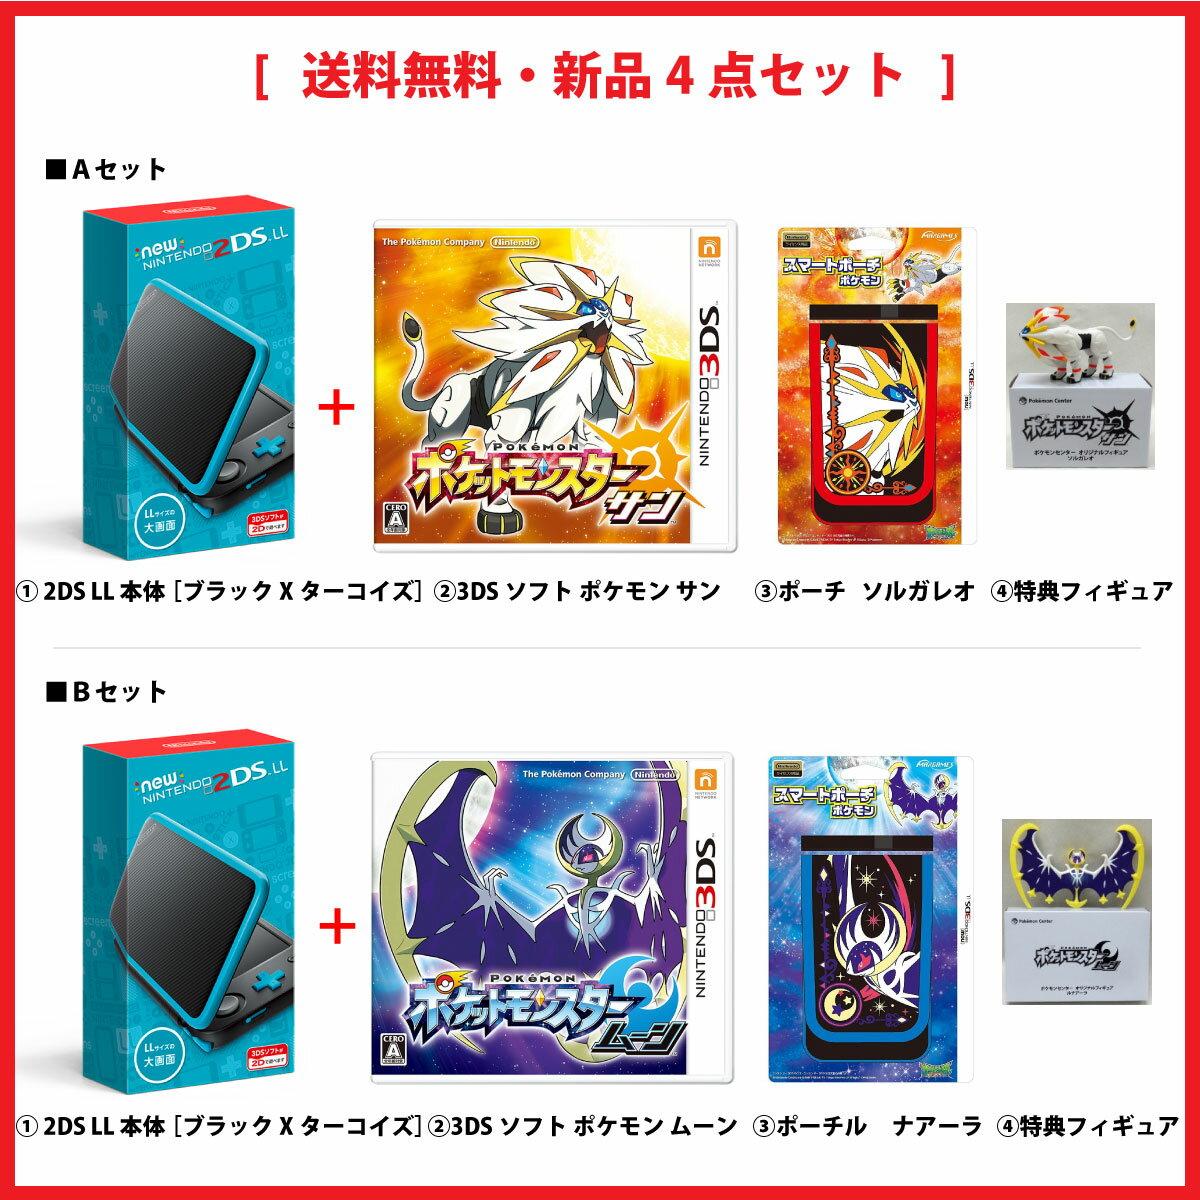 【即納★新品SET】Newニンテンドー2DS LL ブラック×ターコイズ + 3DS ポケットモンスター サンorムーン + ポーチポケモン + フィギュア